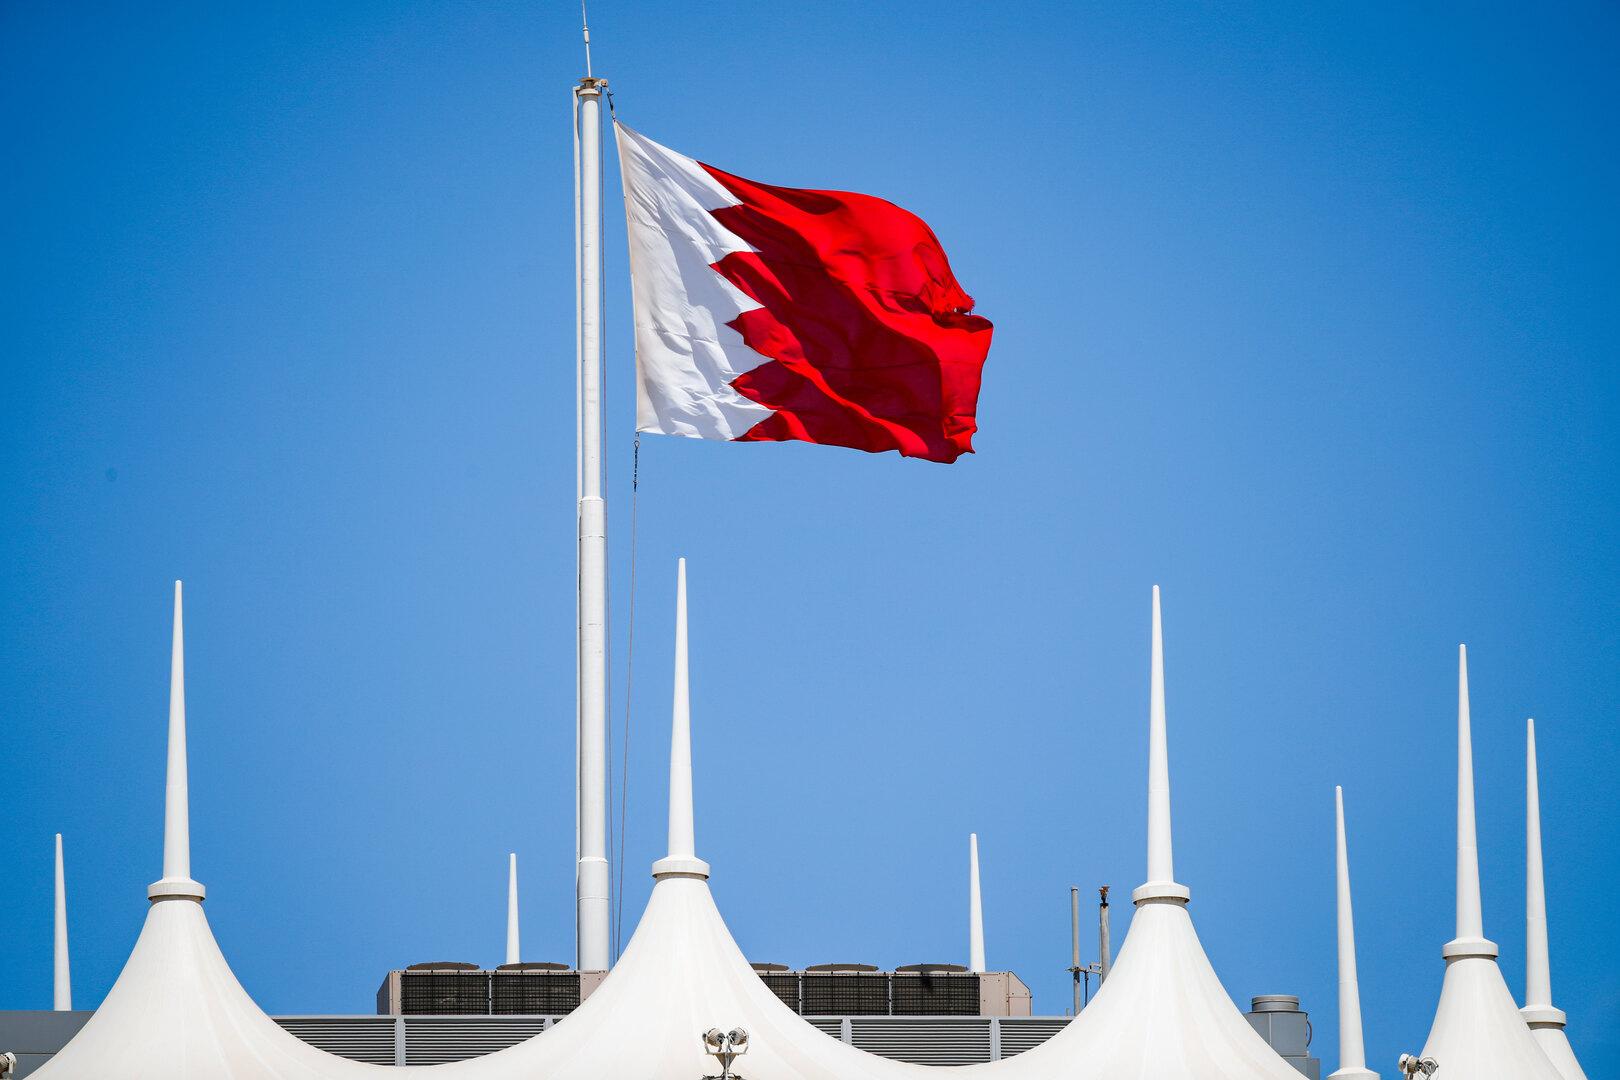 مسؤول بحريني من القدس: الاتفاق النووي أجج نزاعات إقليمية والهجمات على الناقلات تتماشى مع سلوك إيران